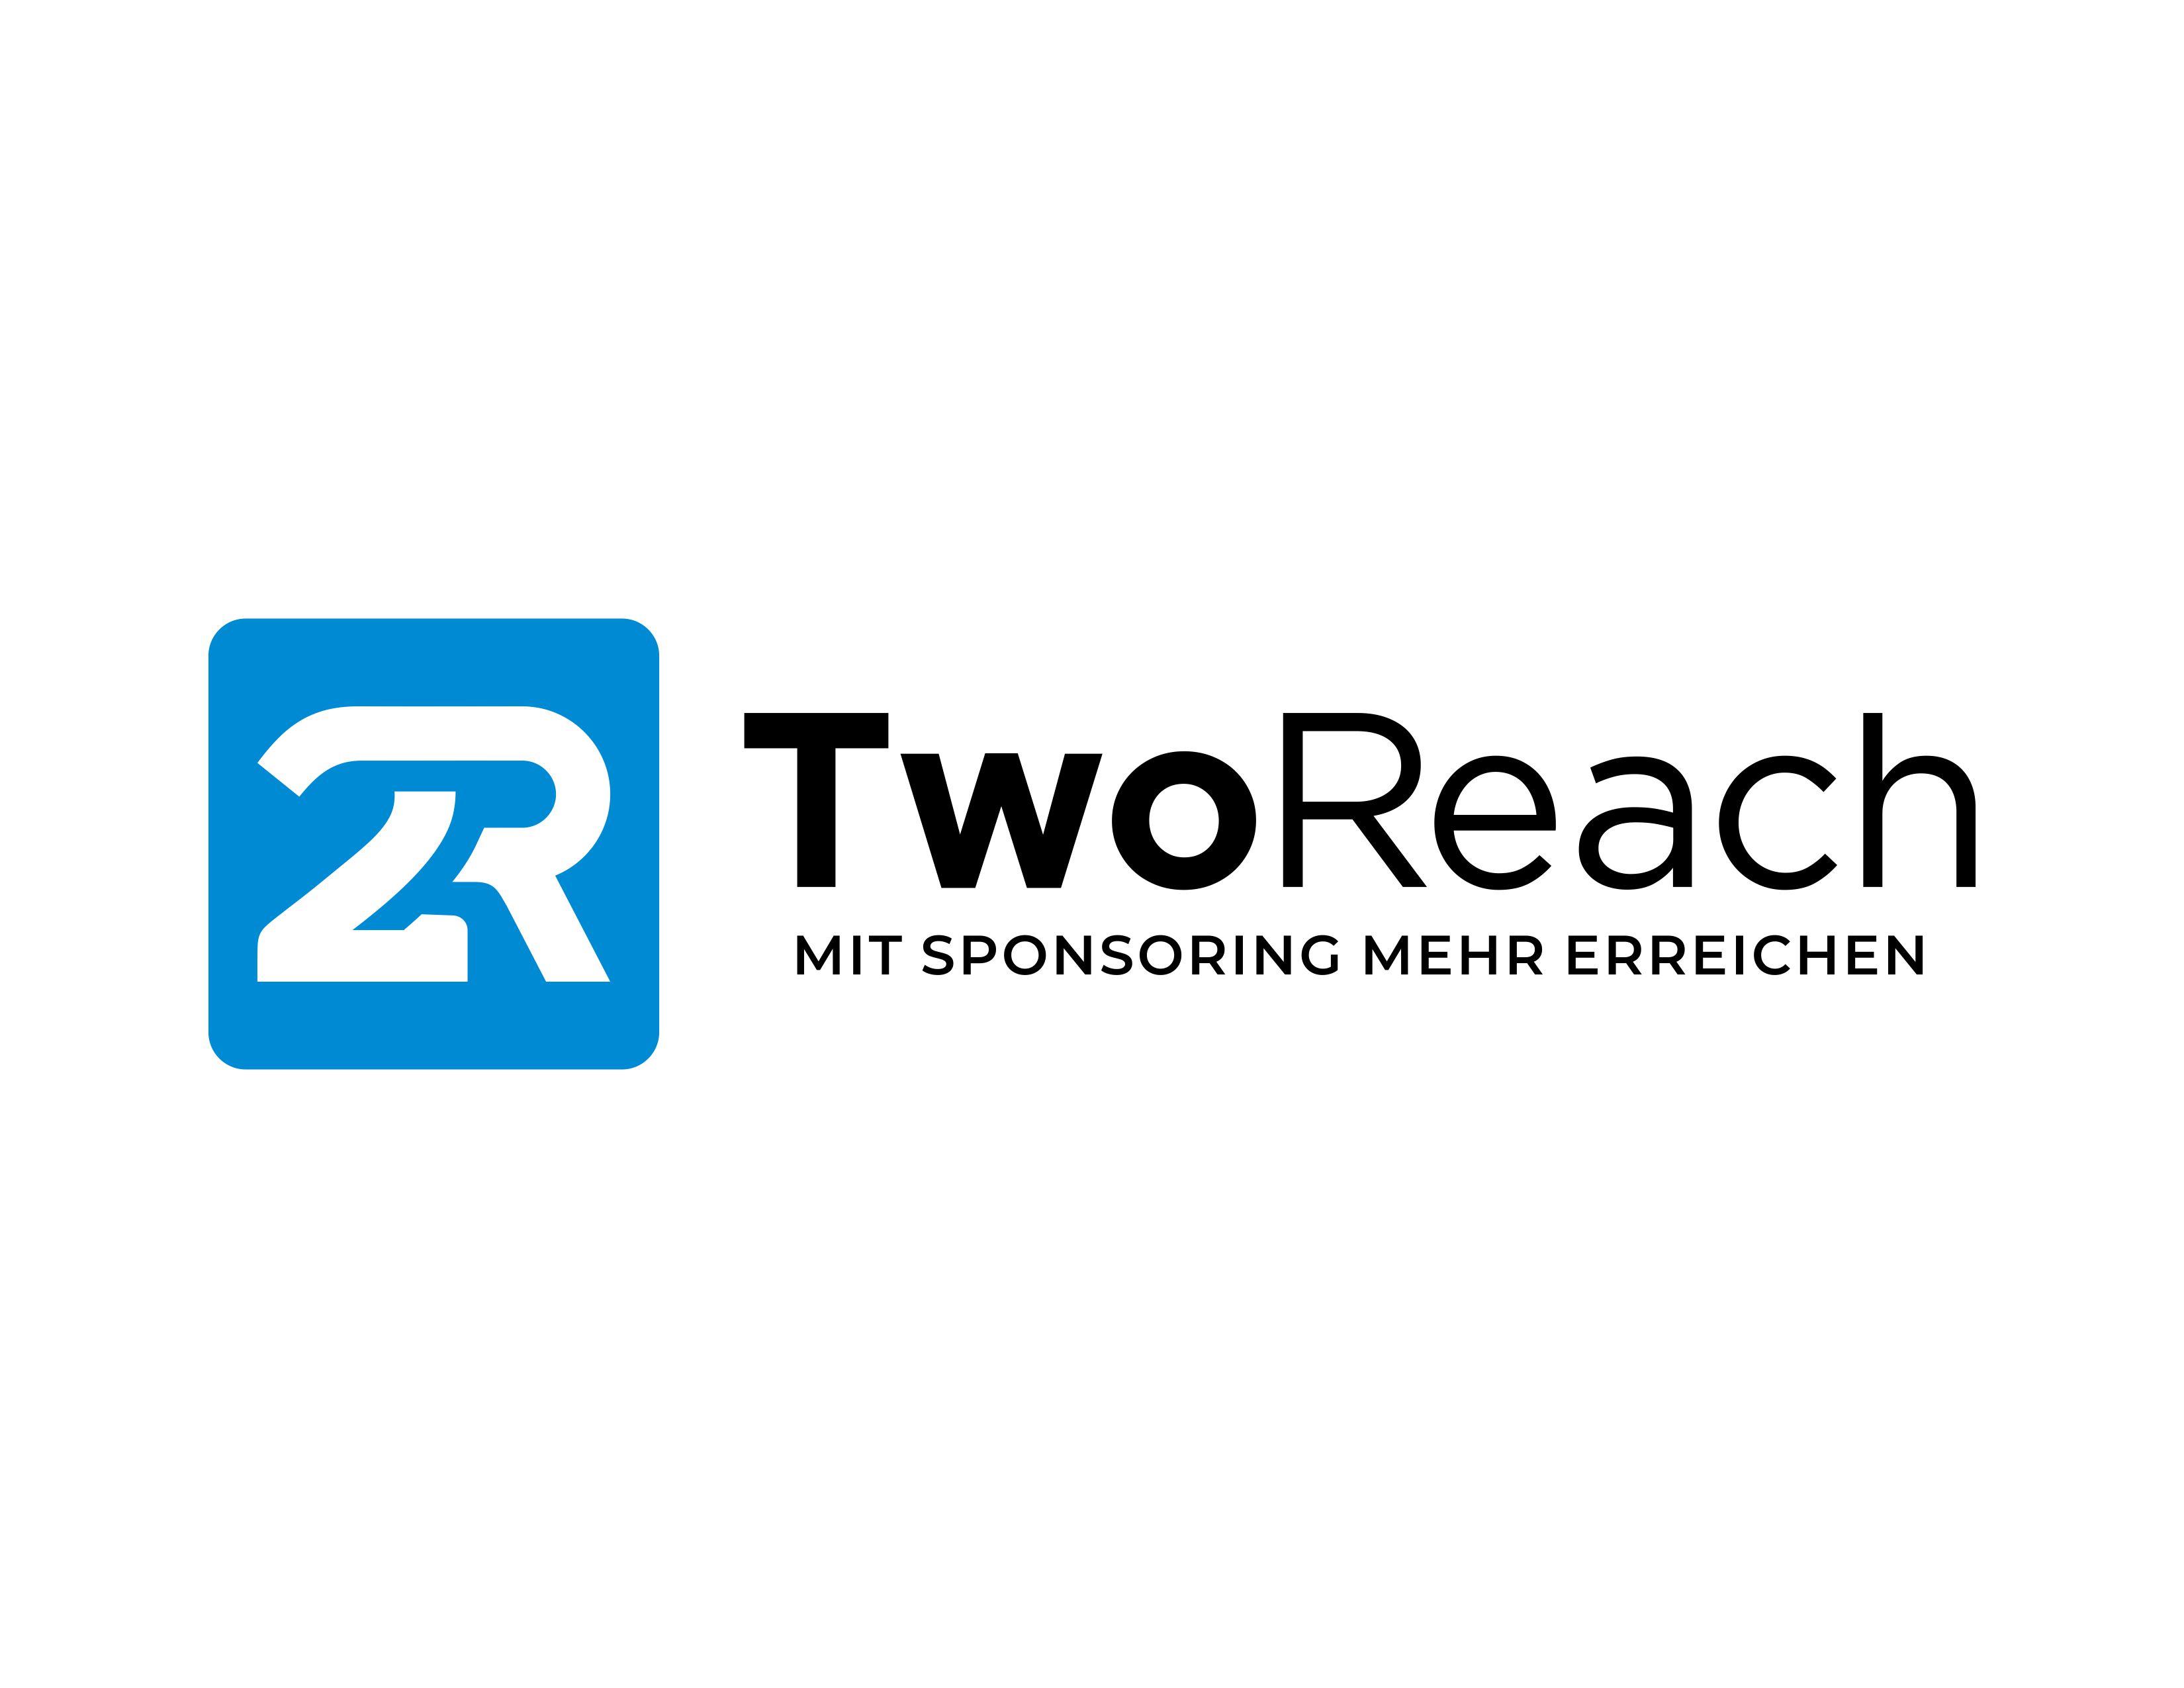 TwoReach GmbH